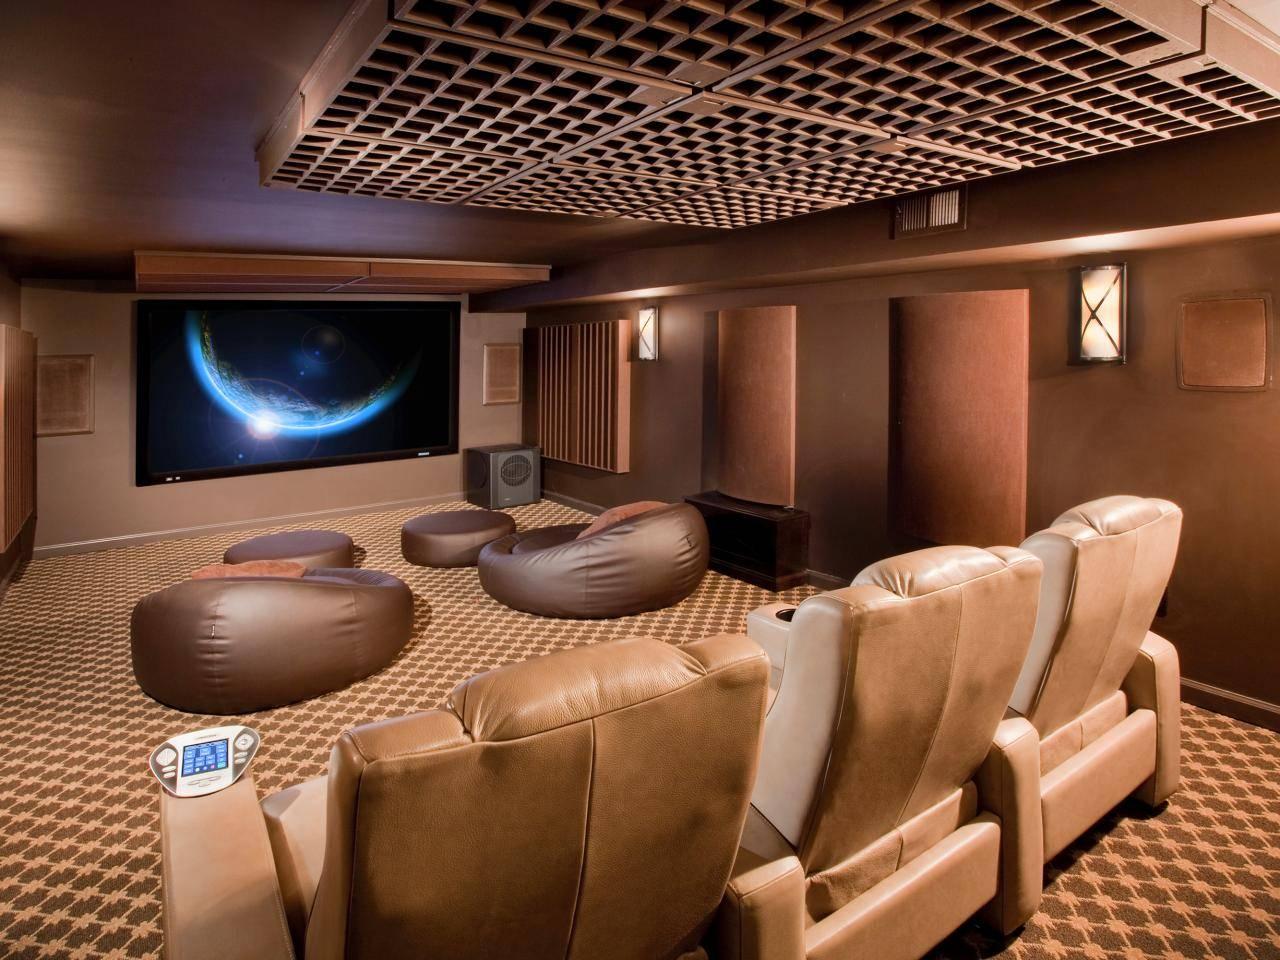 Rs'art - домашний кинотеатр под ключ | инсталляционная компания